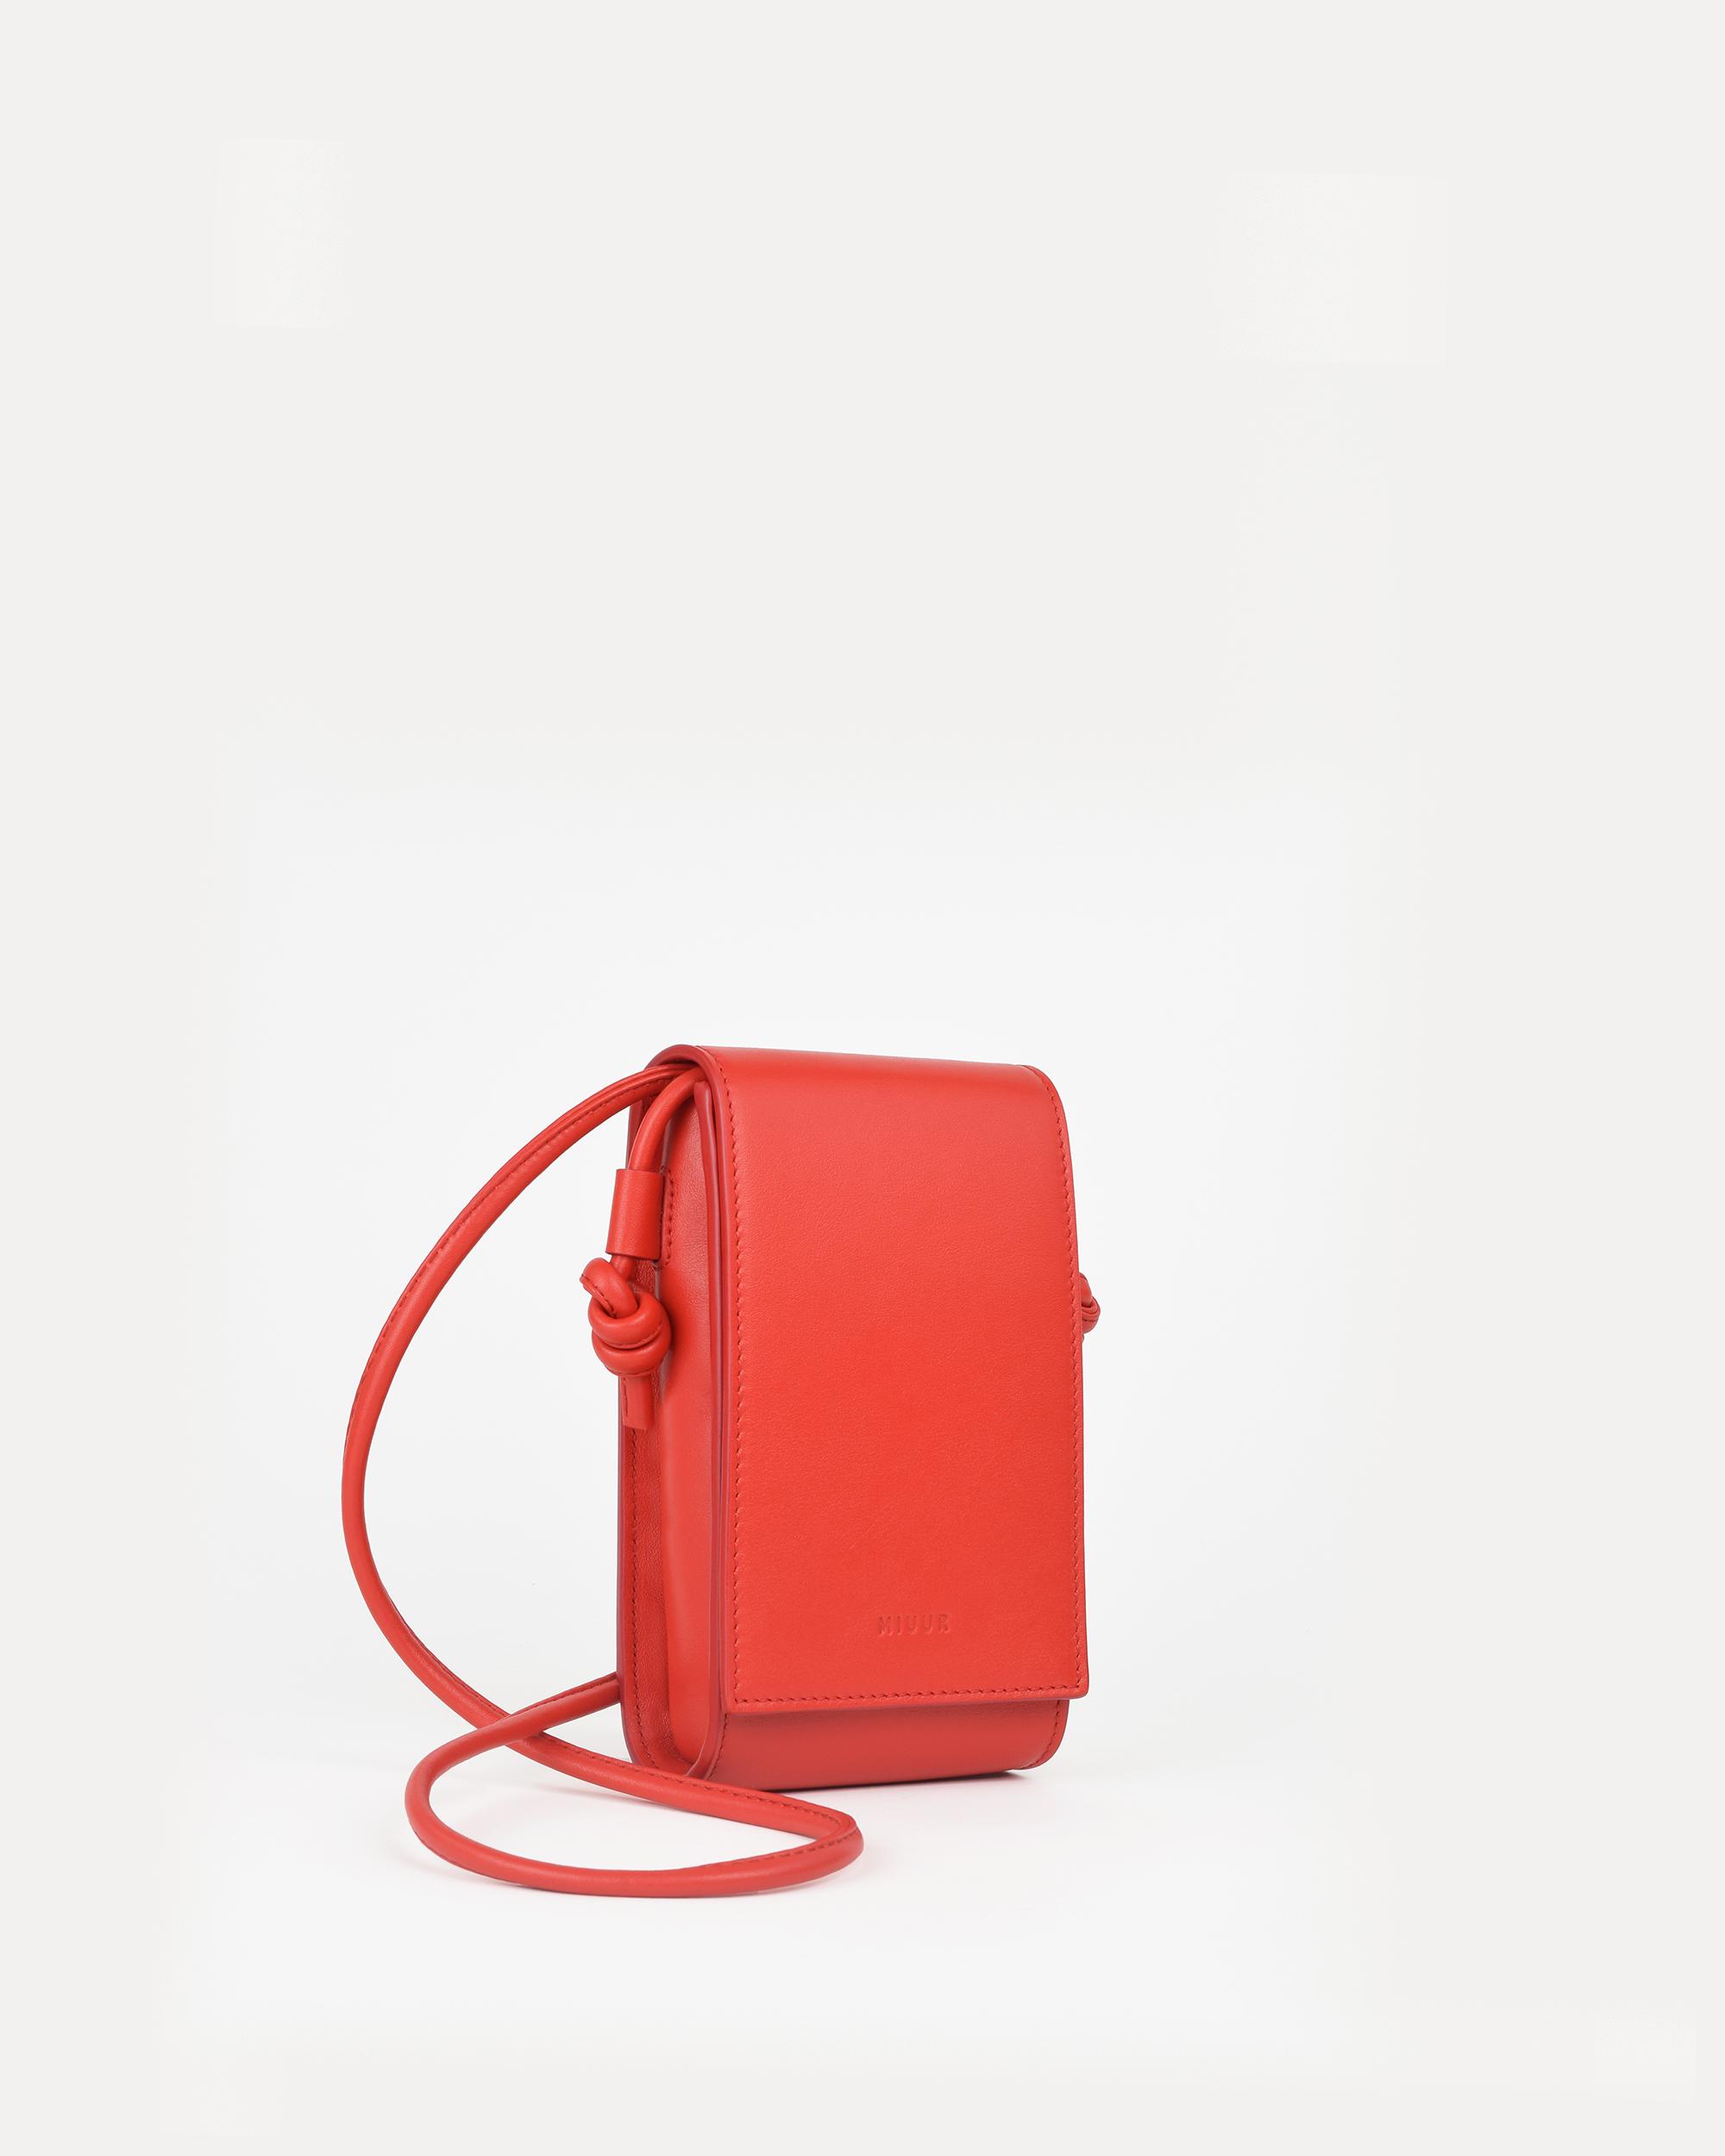 miuur paquito minibag parrot red